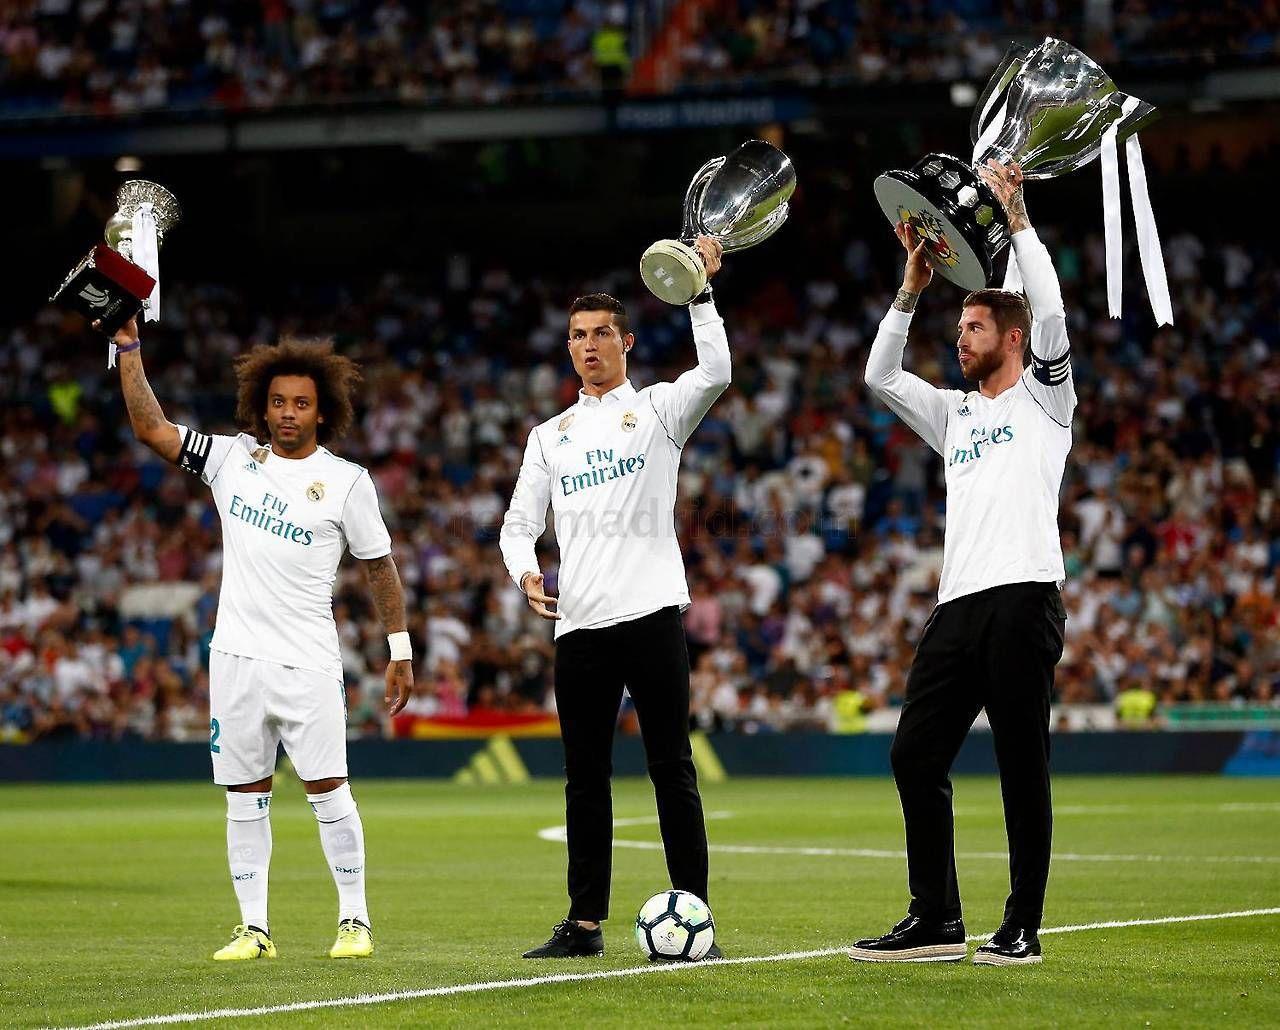 Marcelo Cristiano Ronaldo Sergio Ramos Real Madrid 2017 Real Madrid Real Madrid Players Madrid